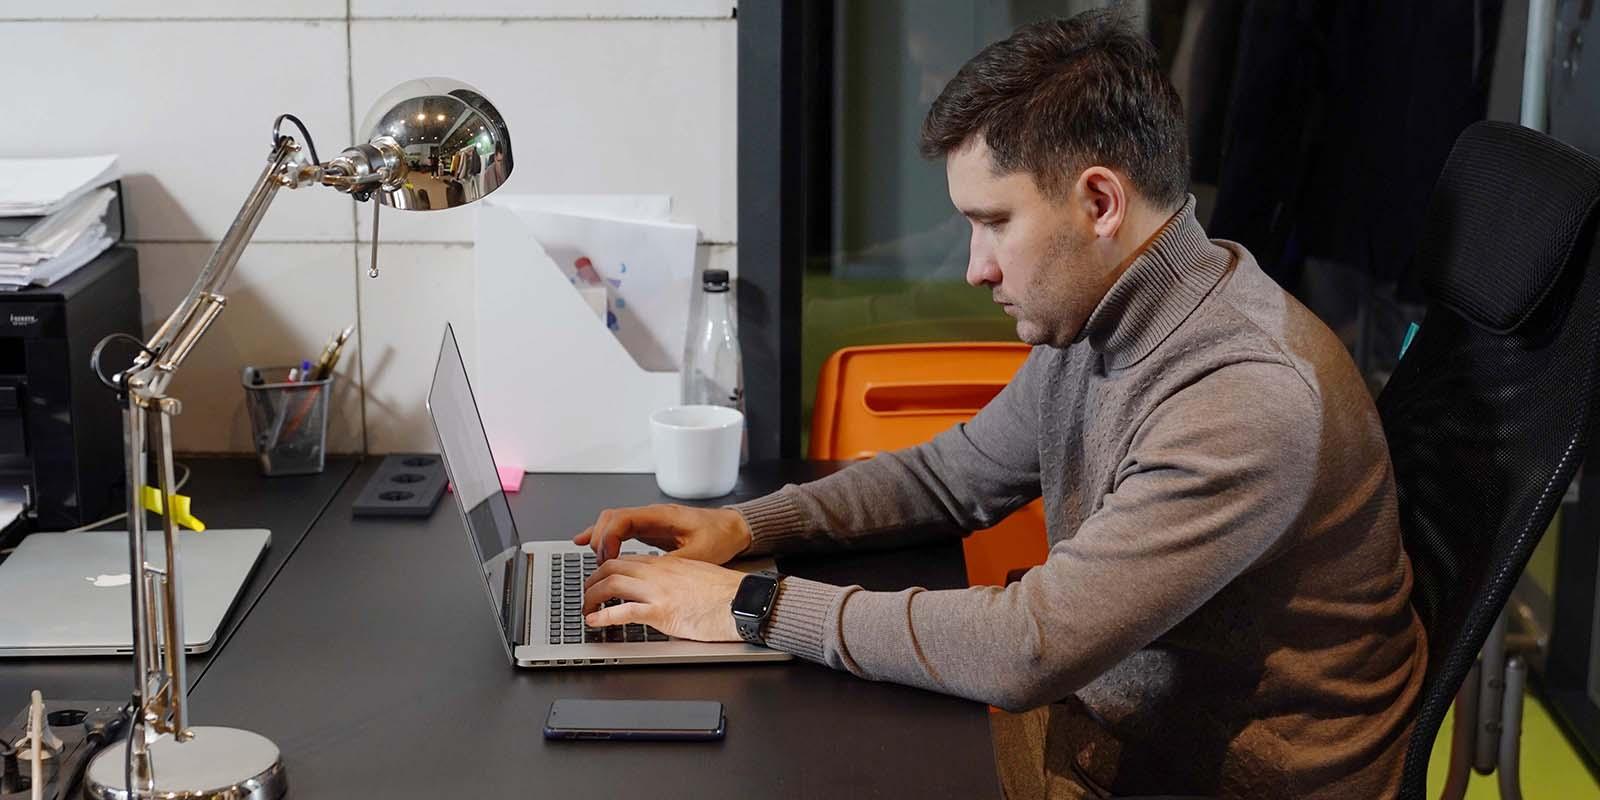 Почти 40 тысяч компаний и предпринимателей зарегистрировались на портале поставщиков с начала года